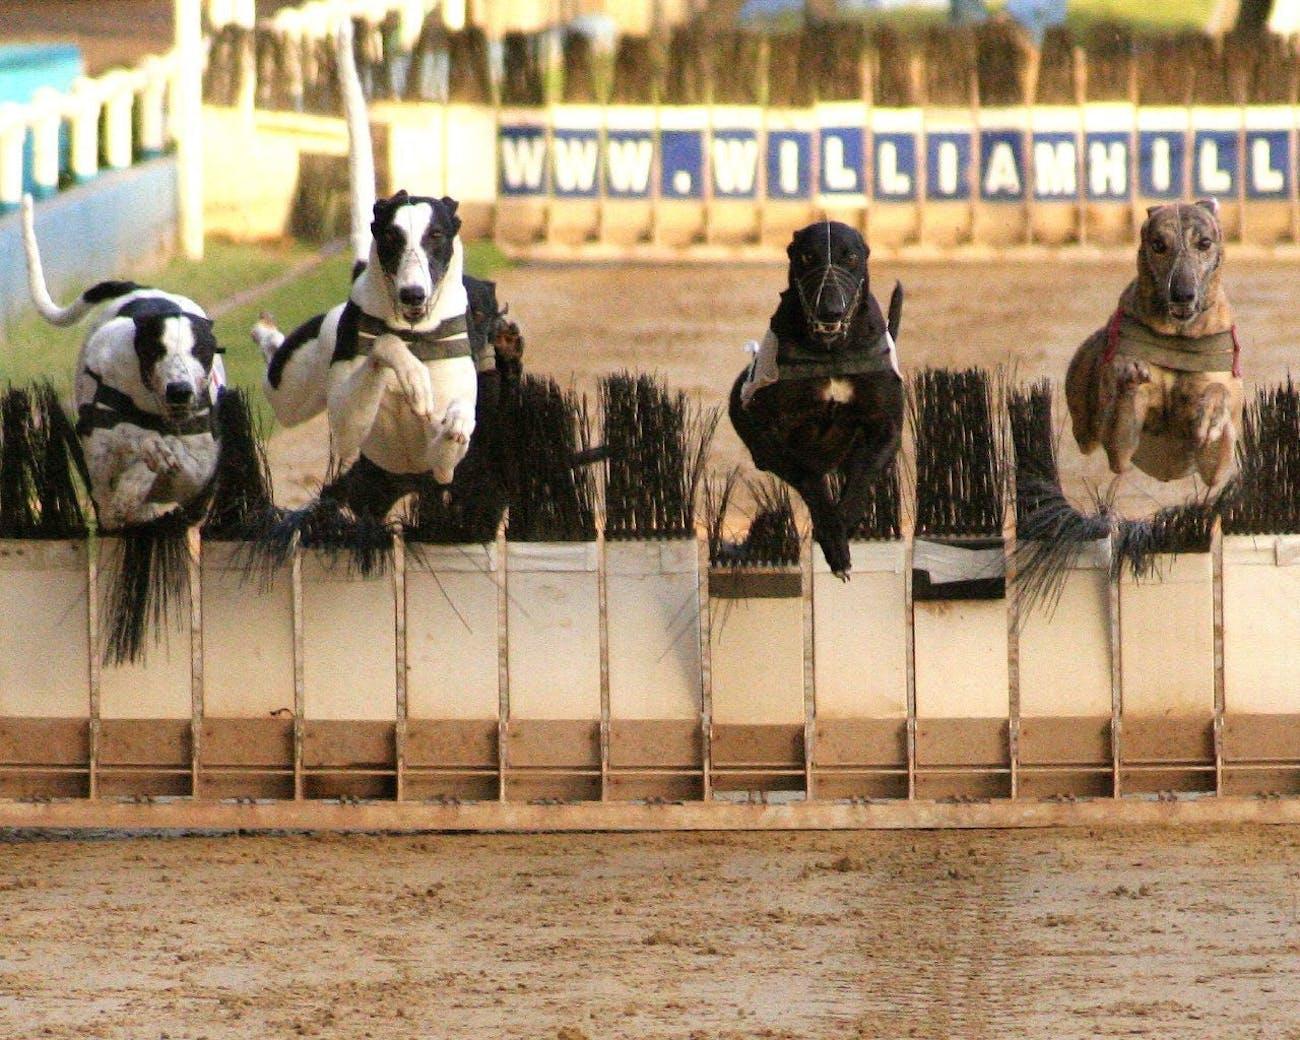 Dog racing at Wimbledon Stadium